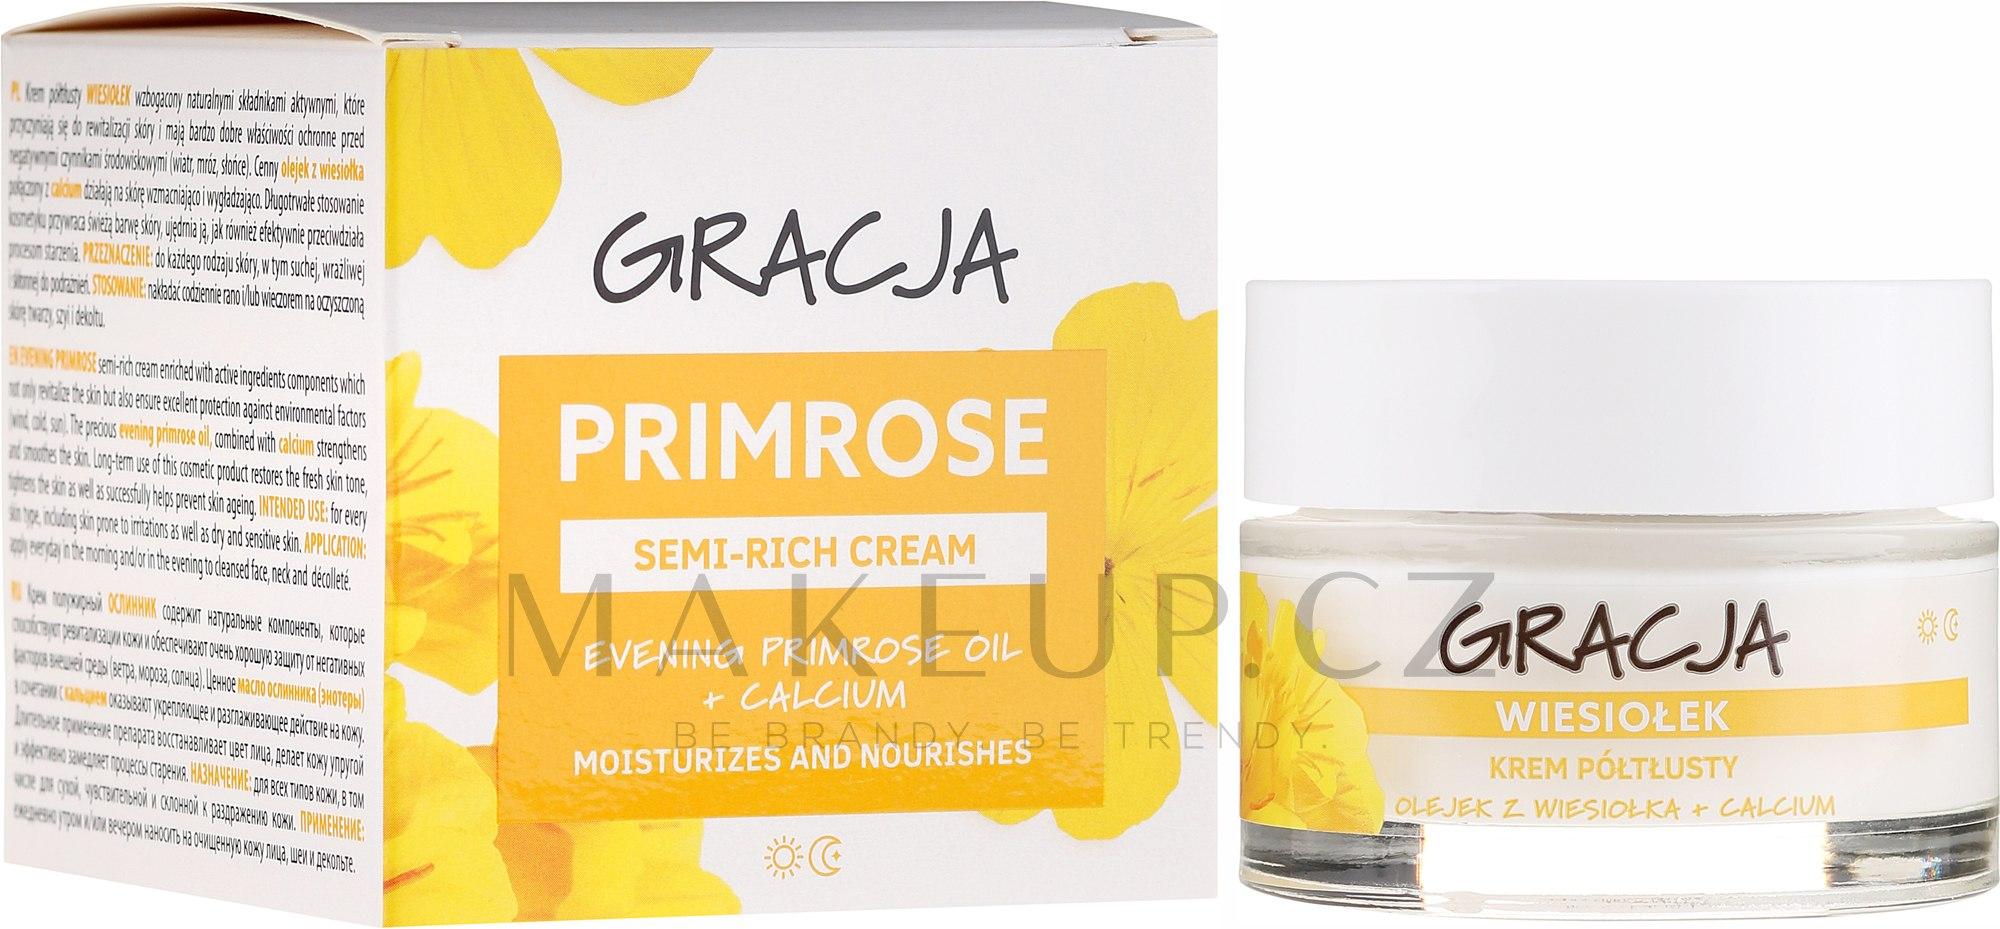 Výživný krém s pupalkovým olejem - Gracja Semi-oily Cream With Evening Primrose — foto 50 ml